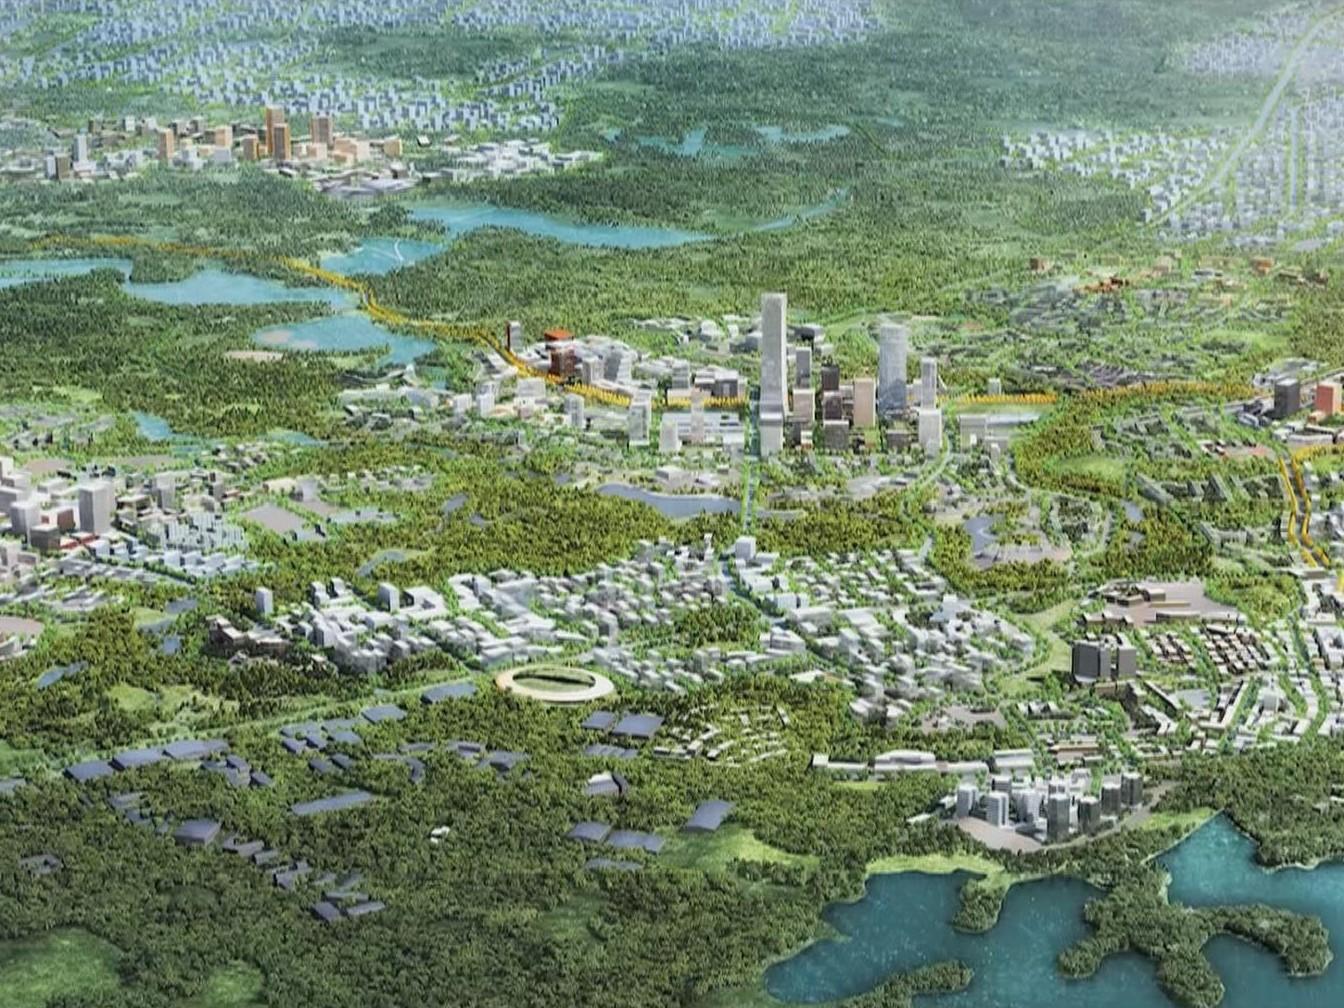 加快东进步伐 努力建设以可持续为目标的未来之城